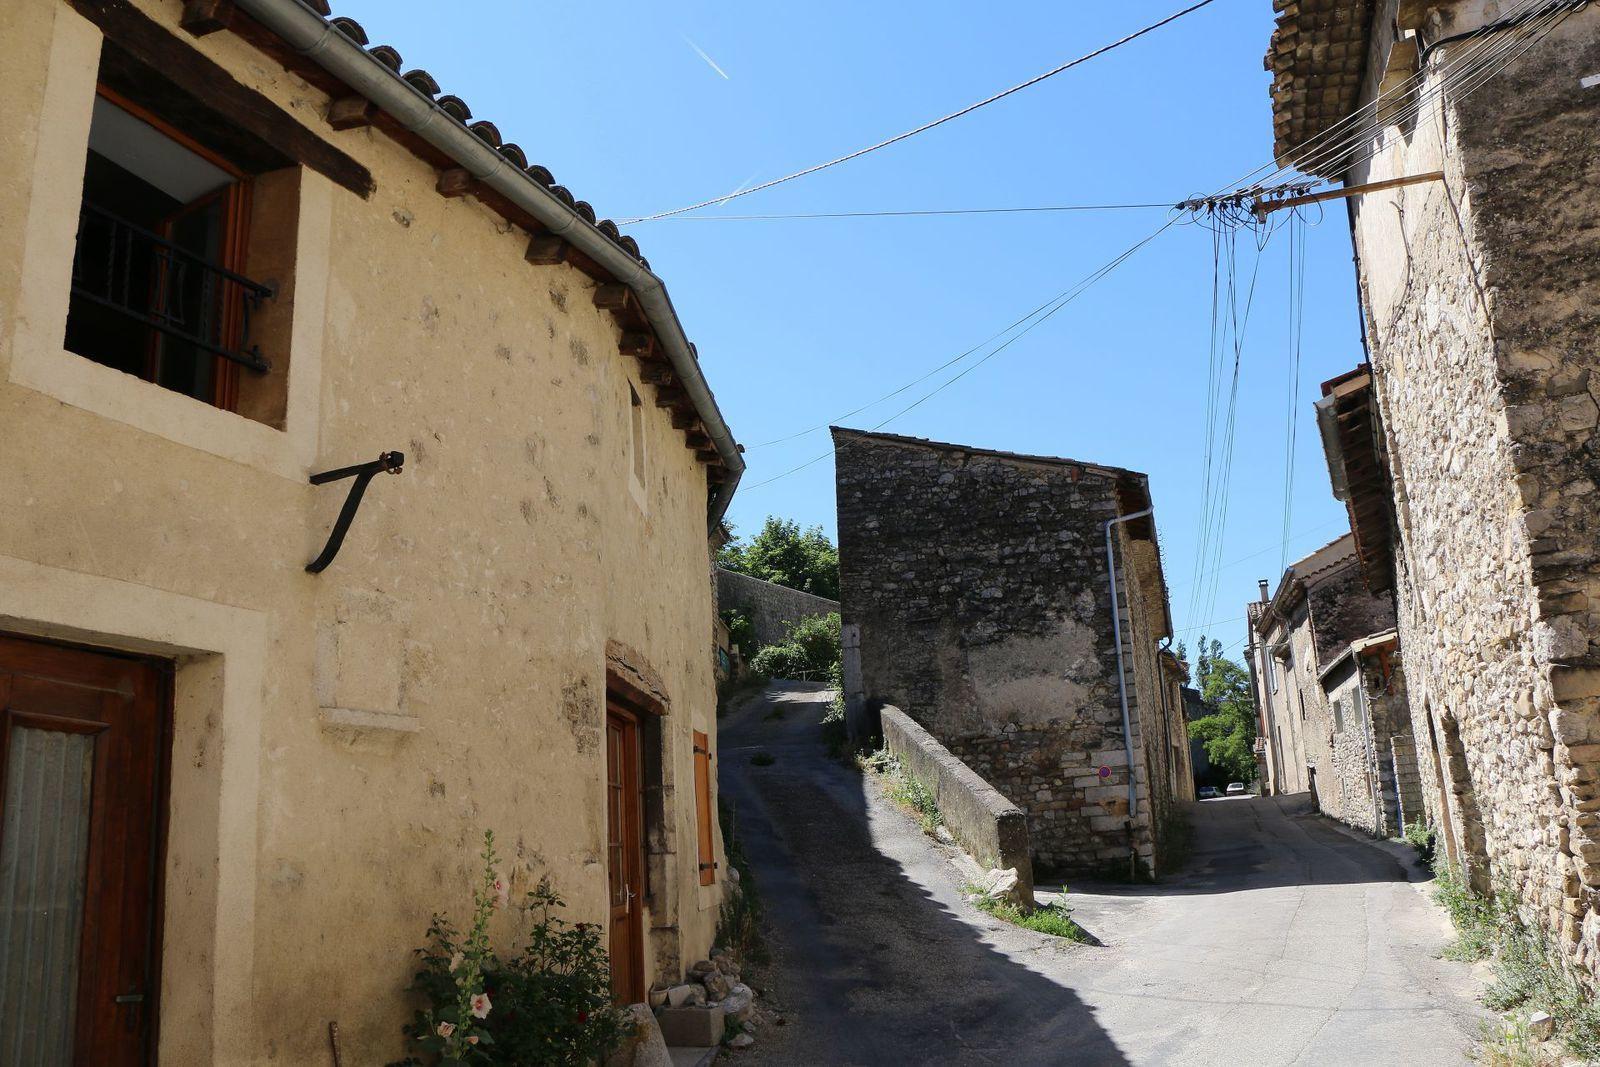 Rive gauche - Route de Barsac.